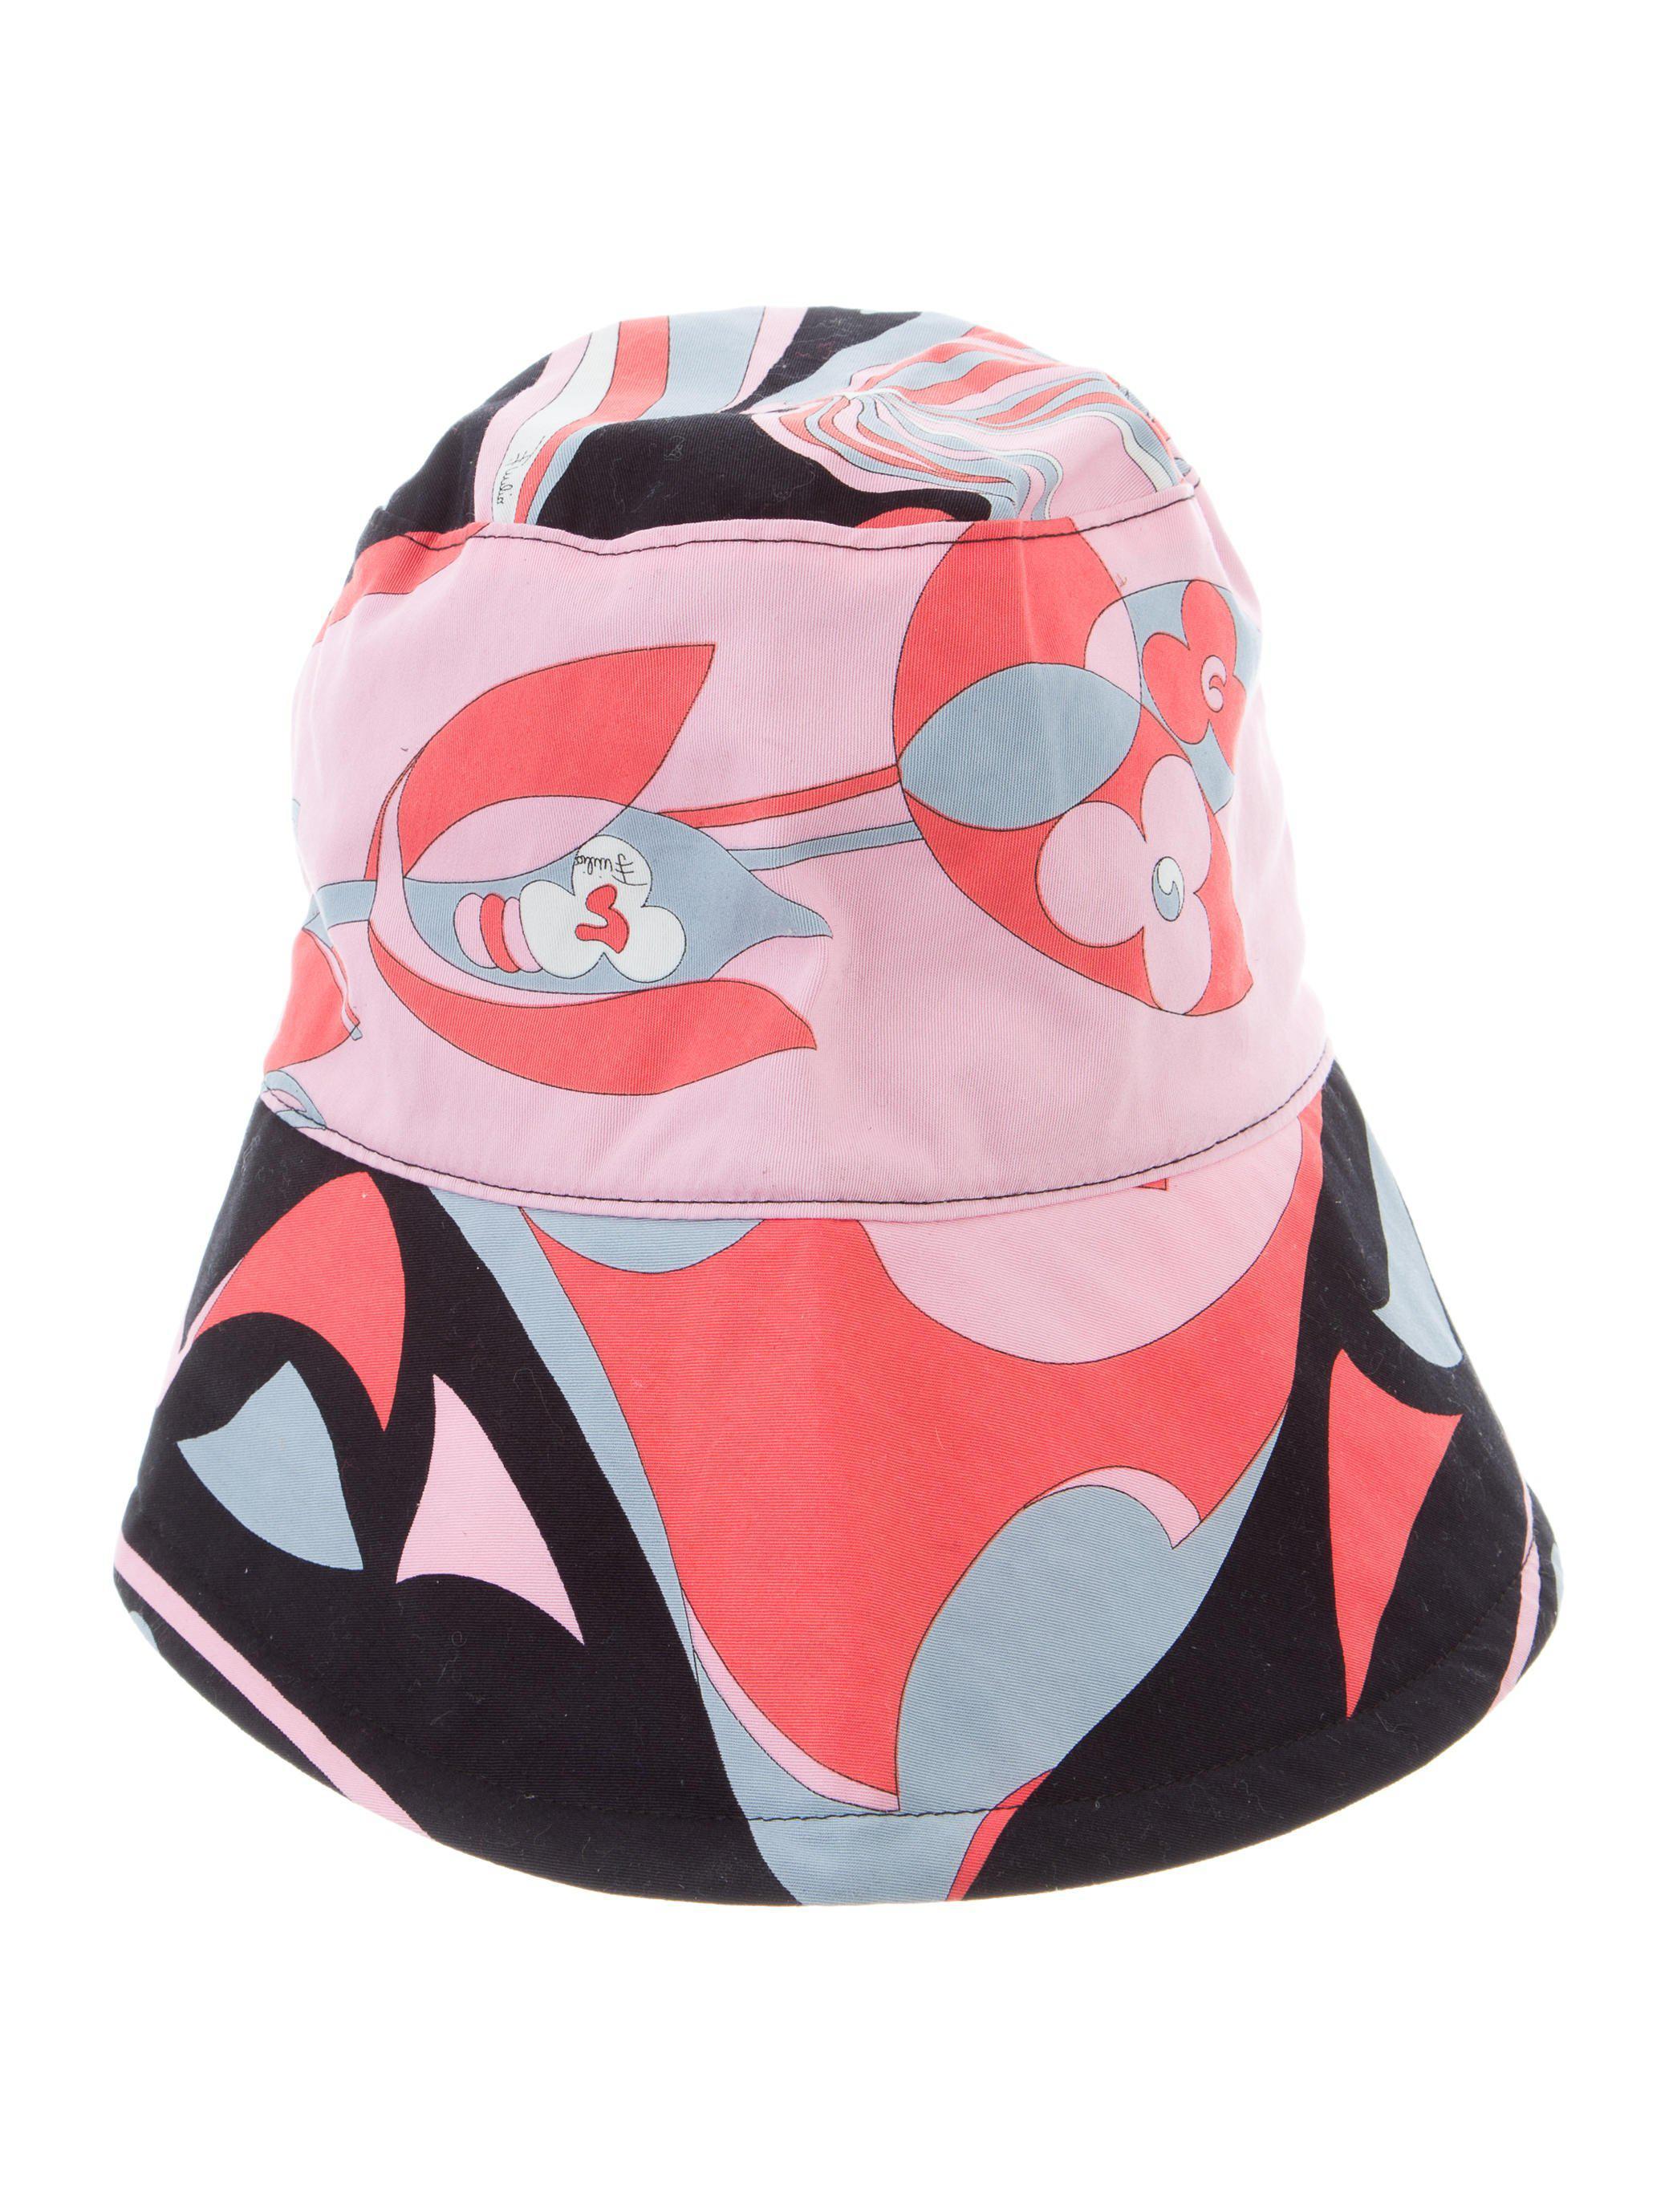 023e5f7e2b44e Lyst - Emilio Pucci Printed Wide-brim Hat in Pink